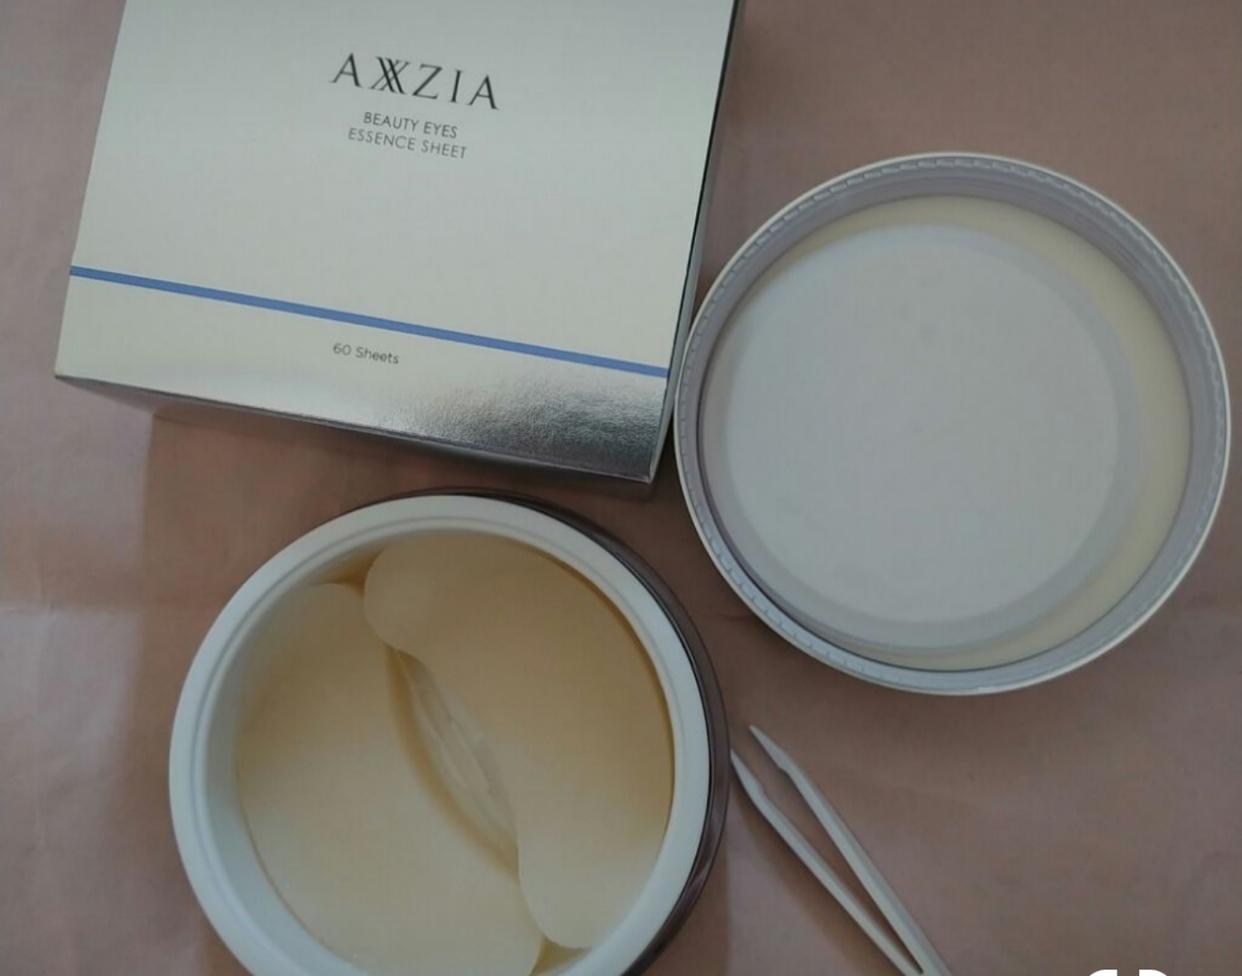 AXXZIA(アクシージア)ビューティーアイズ エッセンスシートを使ったたまコングさんのクチコミ画像1